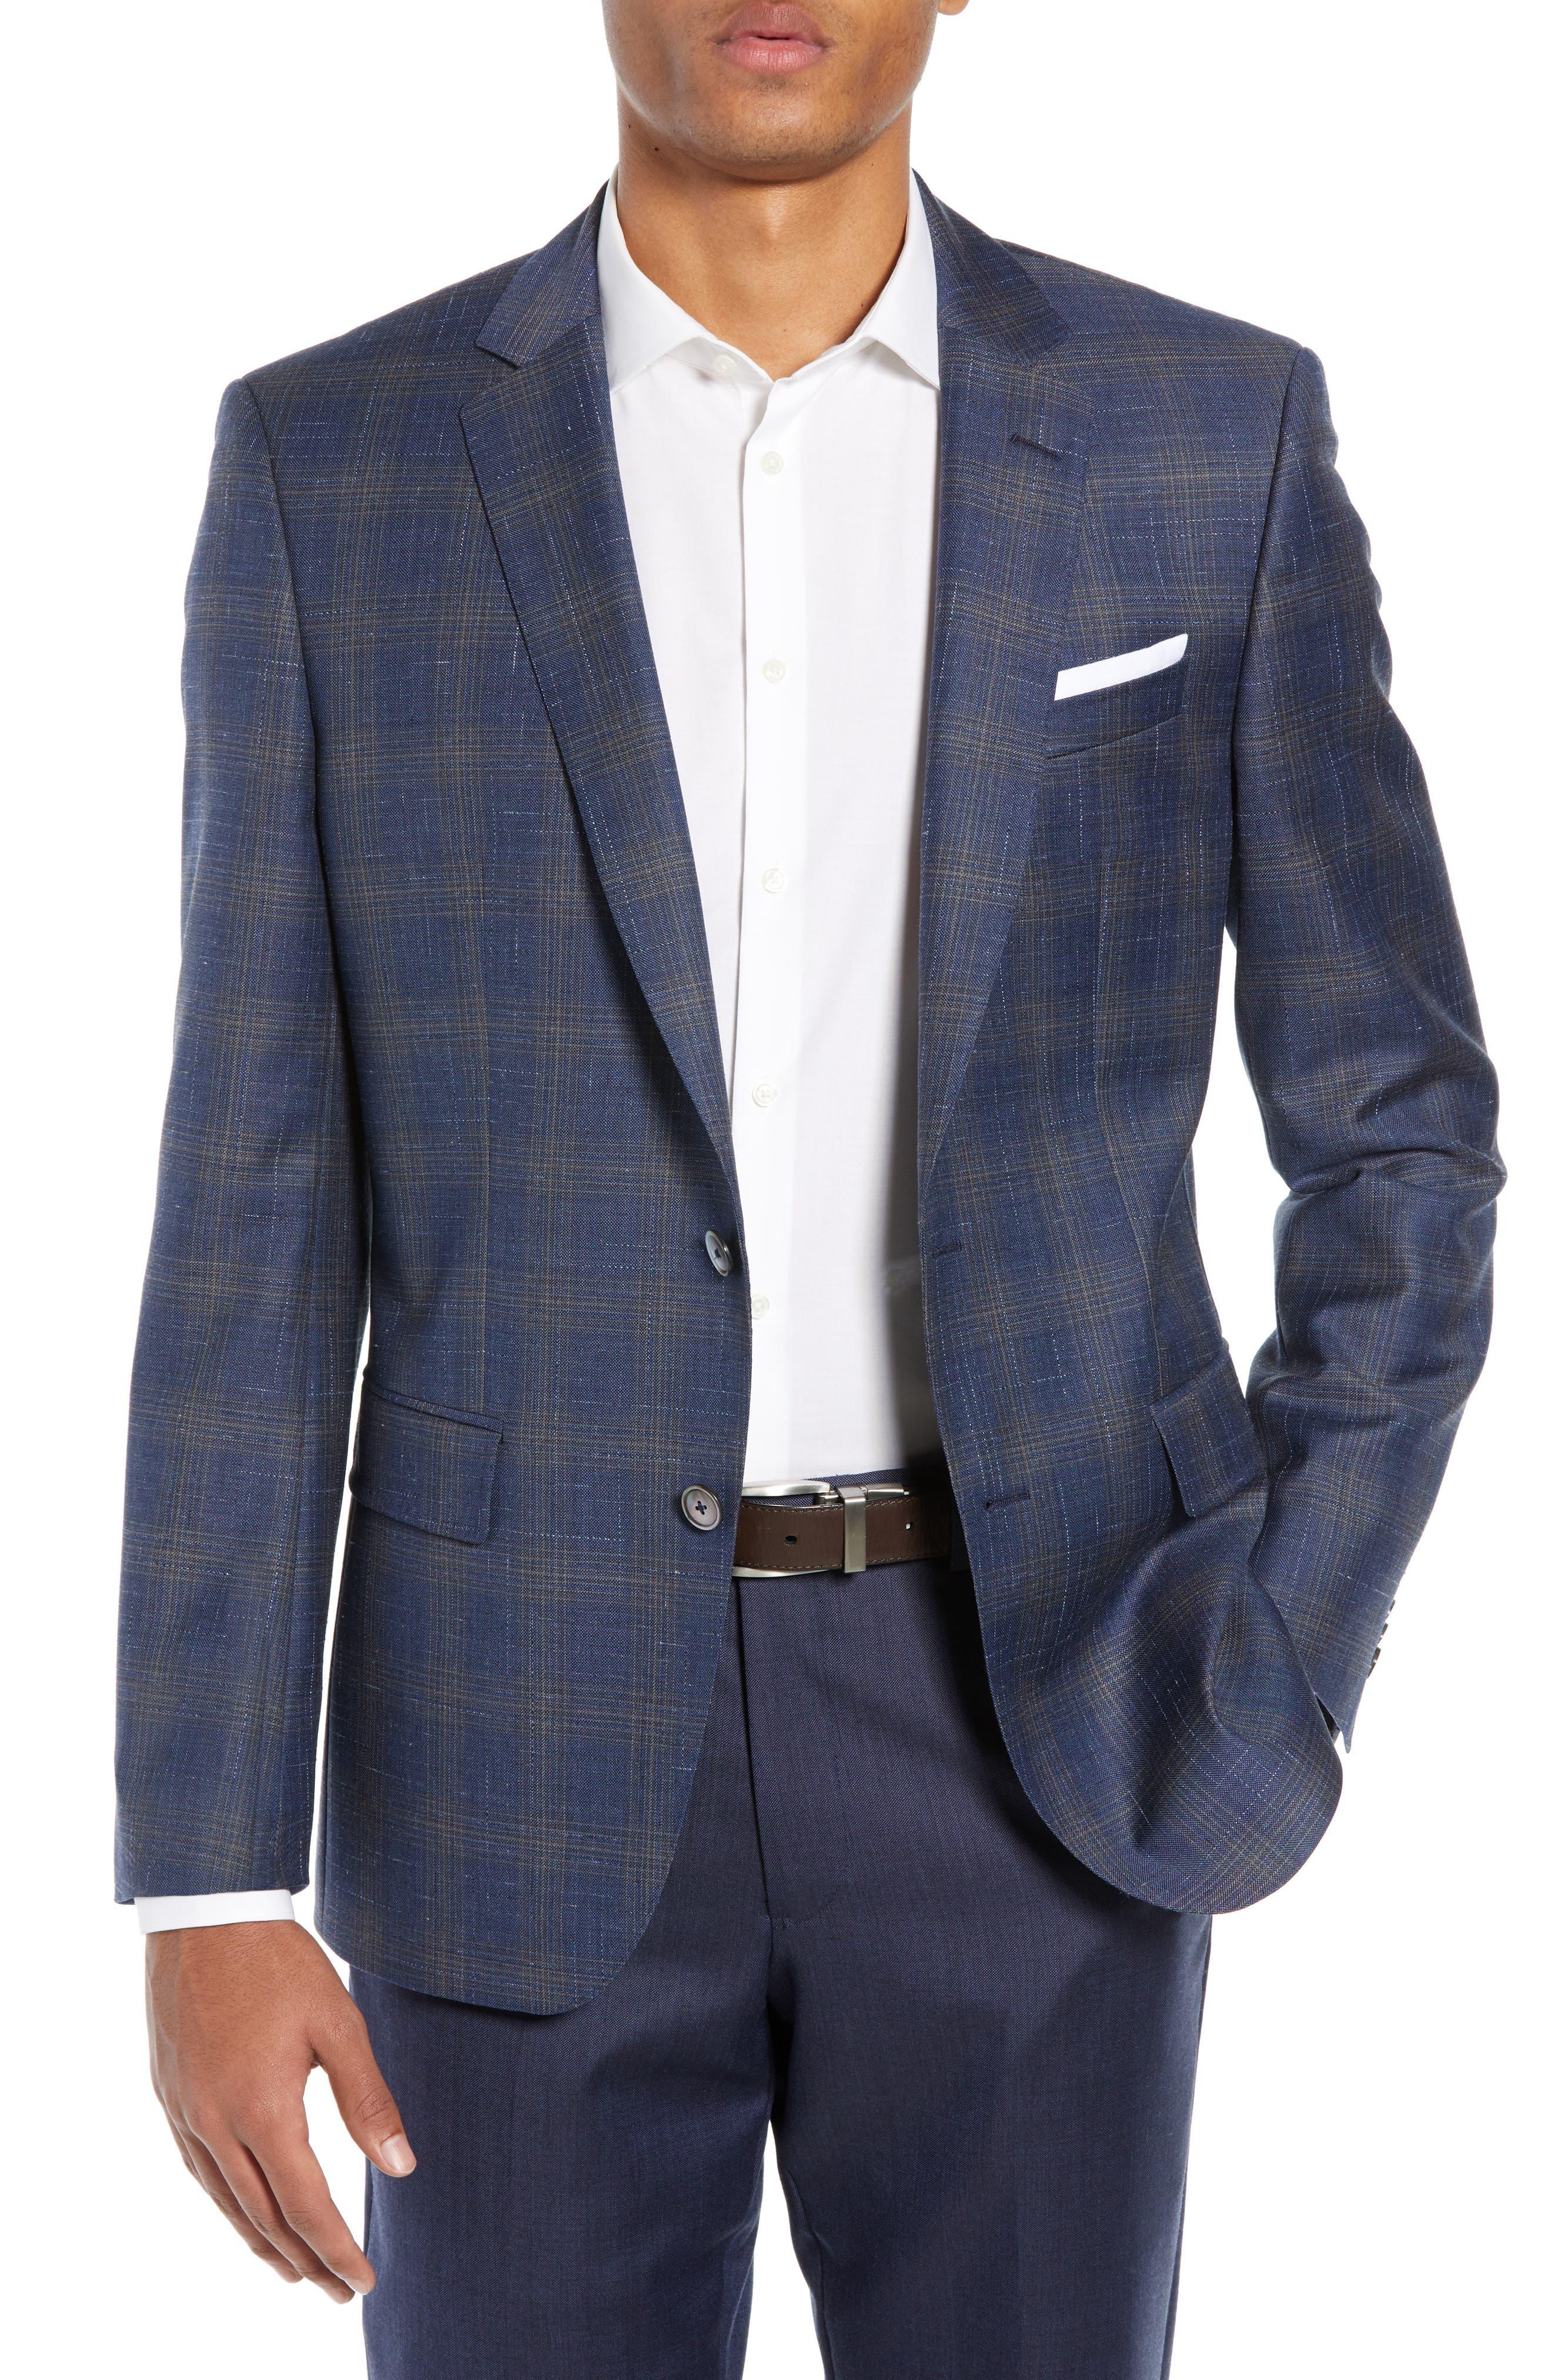 boss blazers \u0026 sport coats for men nordstrom1418460 Hugo Boss Tuxedo Shirt Nordstrom #16